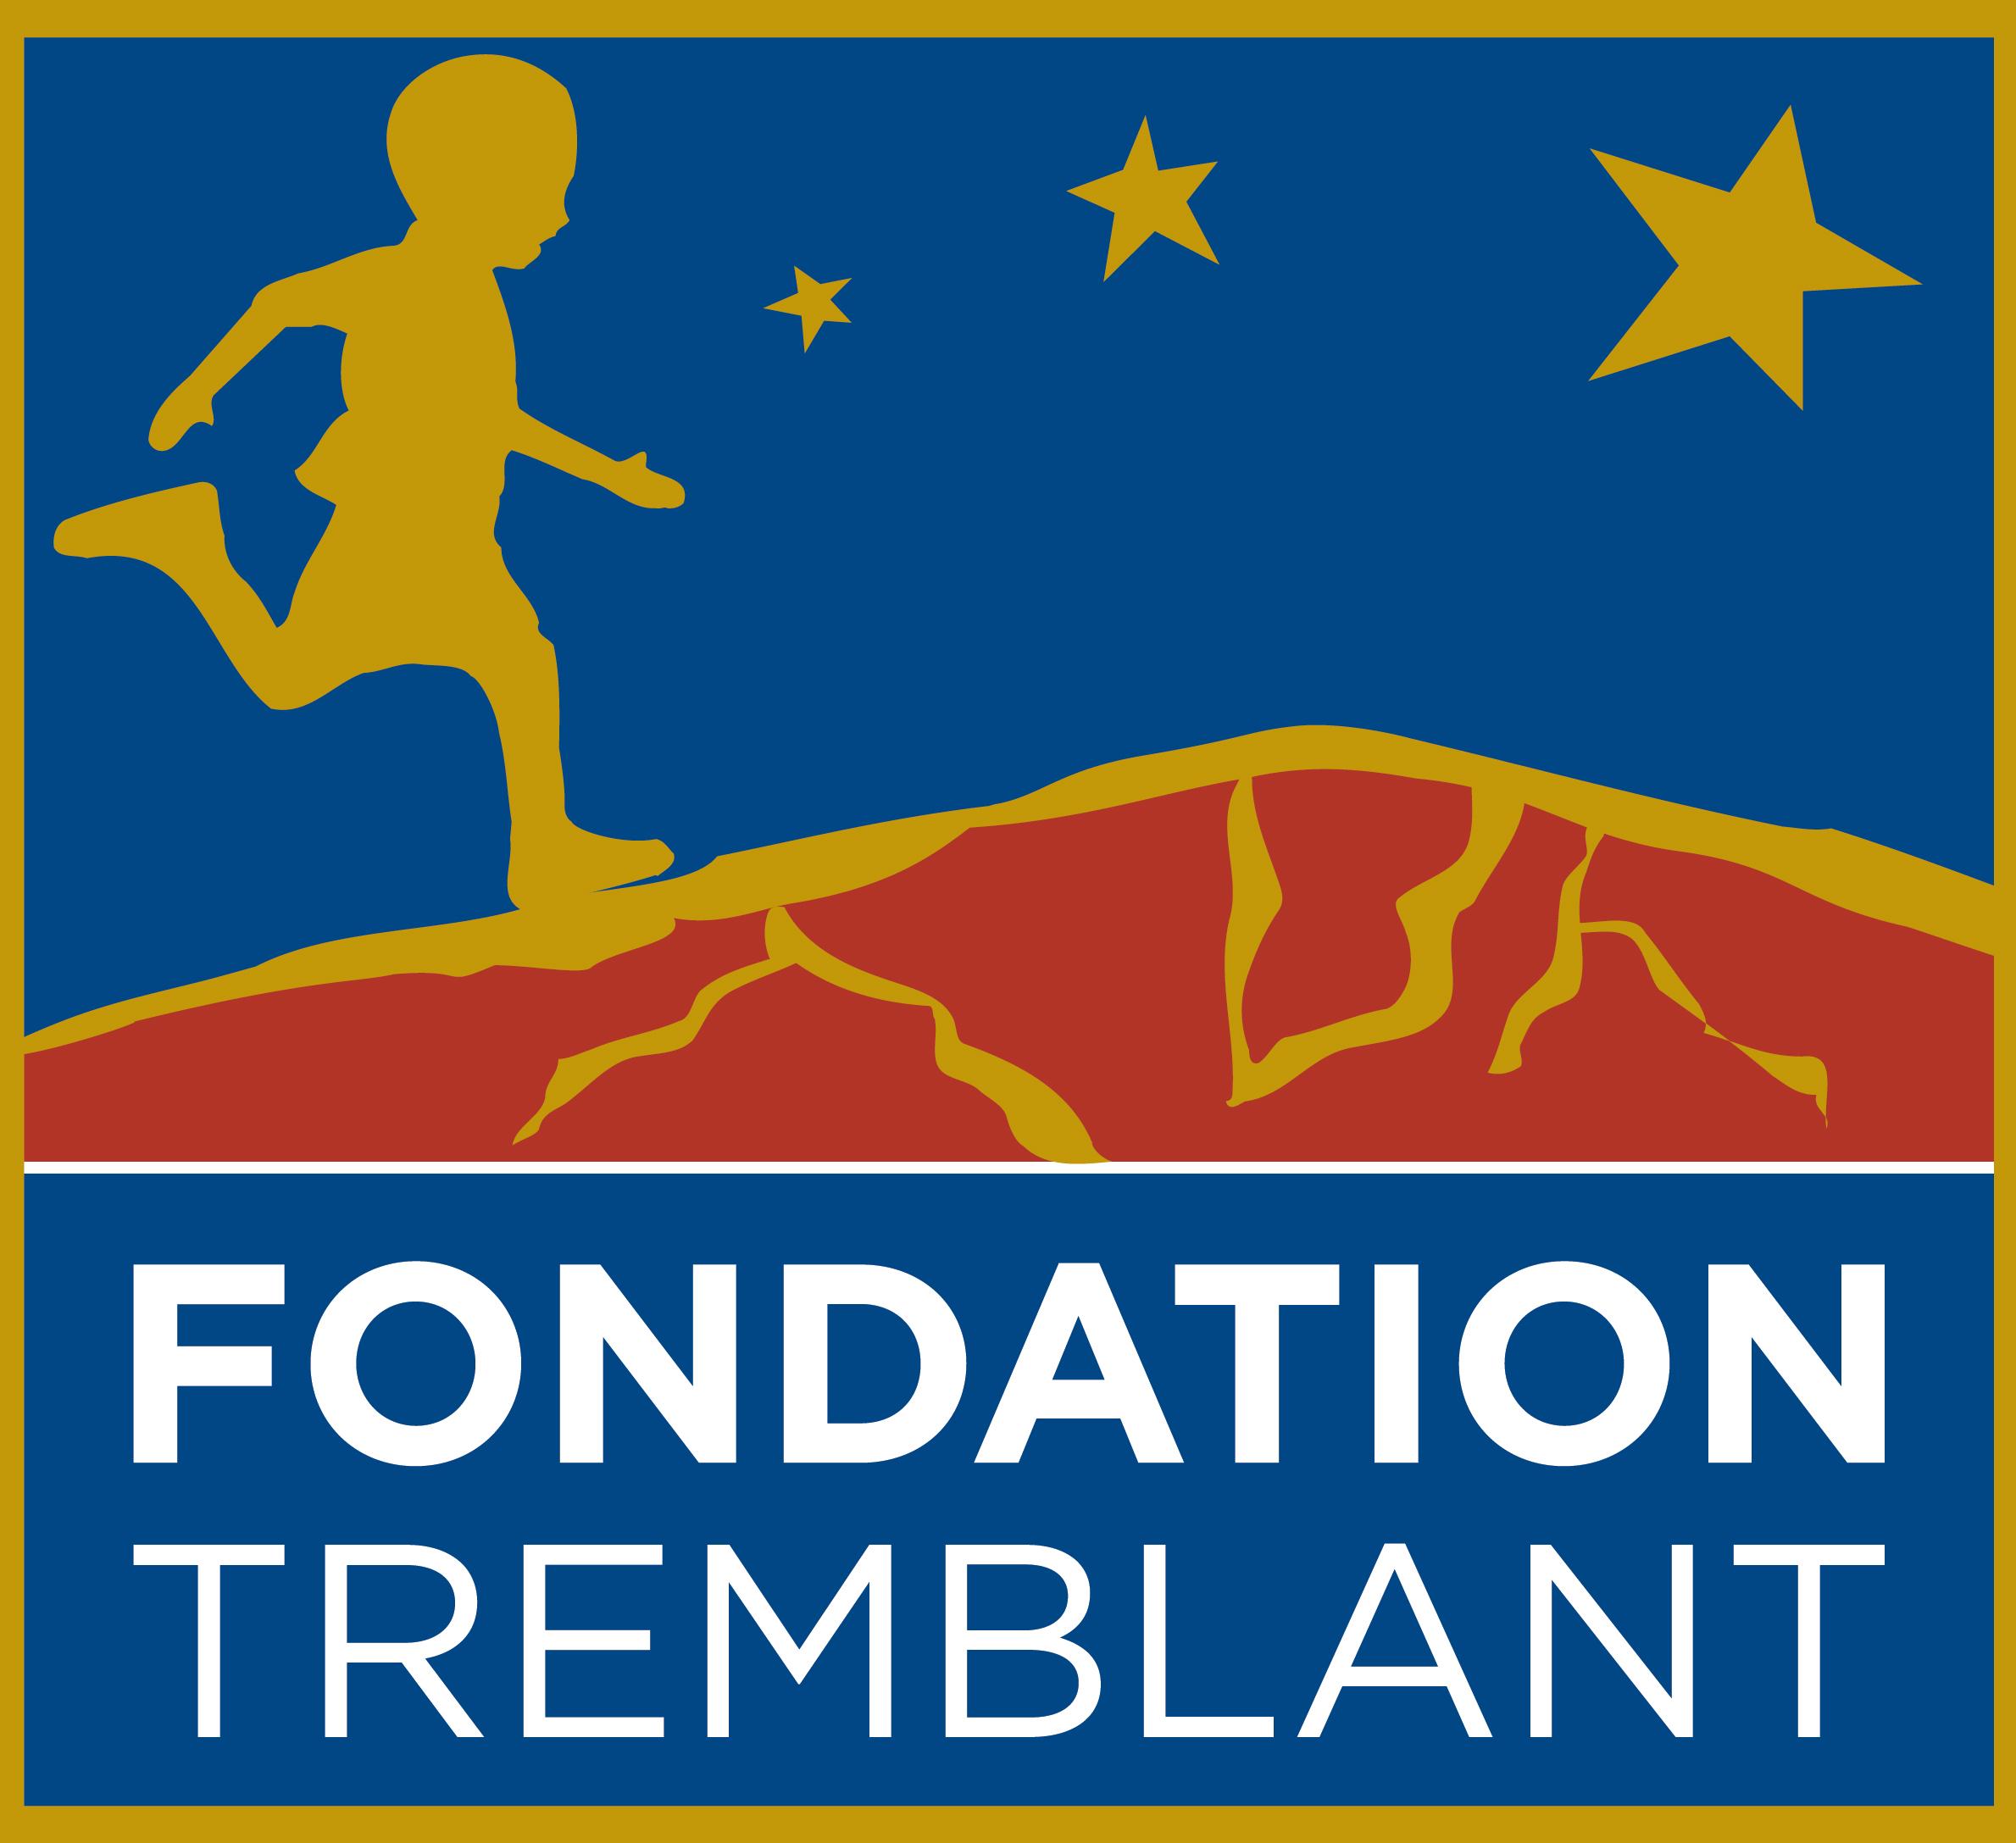 Logo Fondation Tremblant